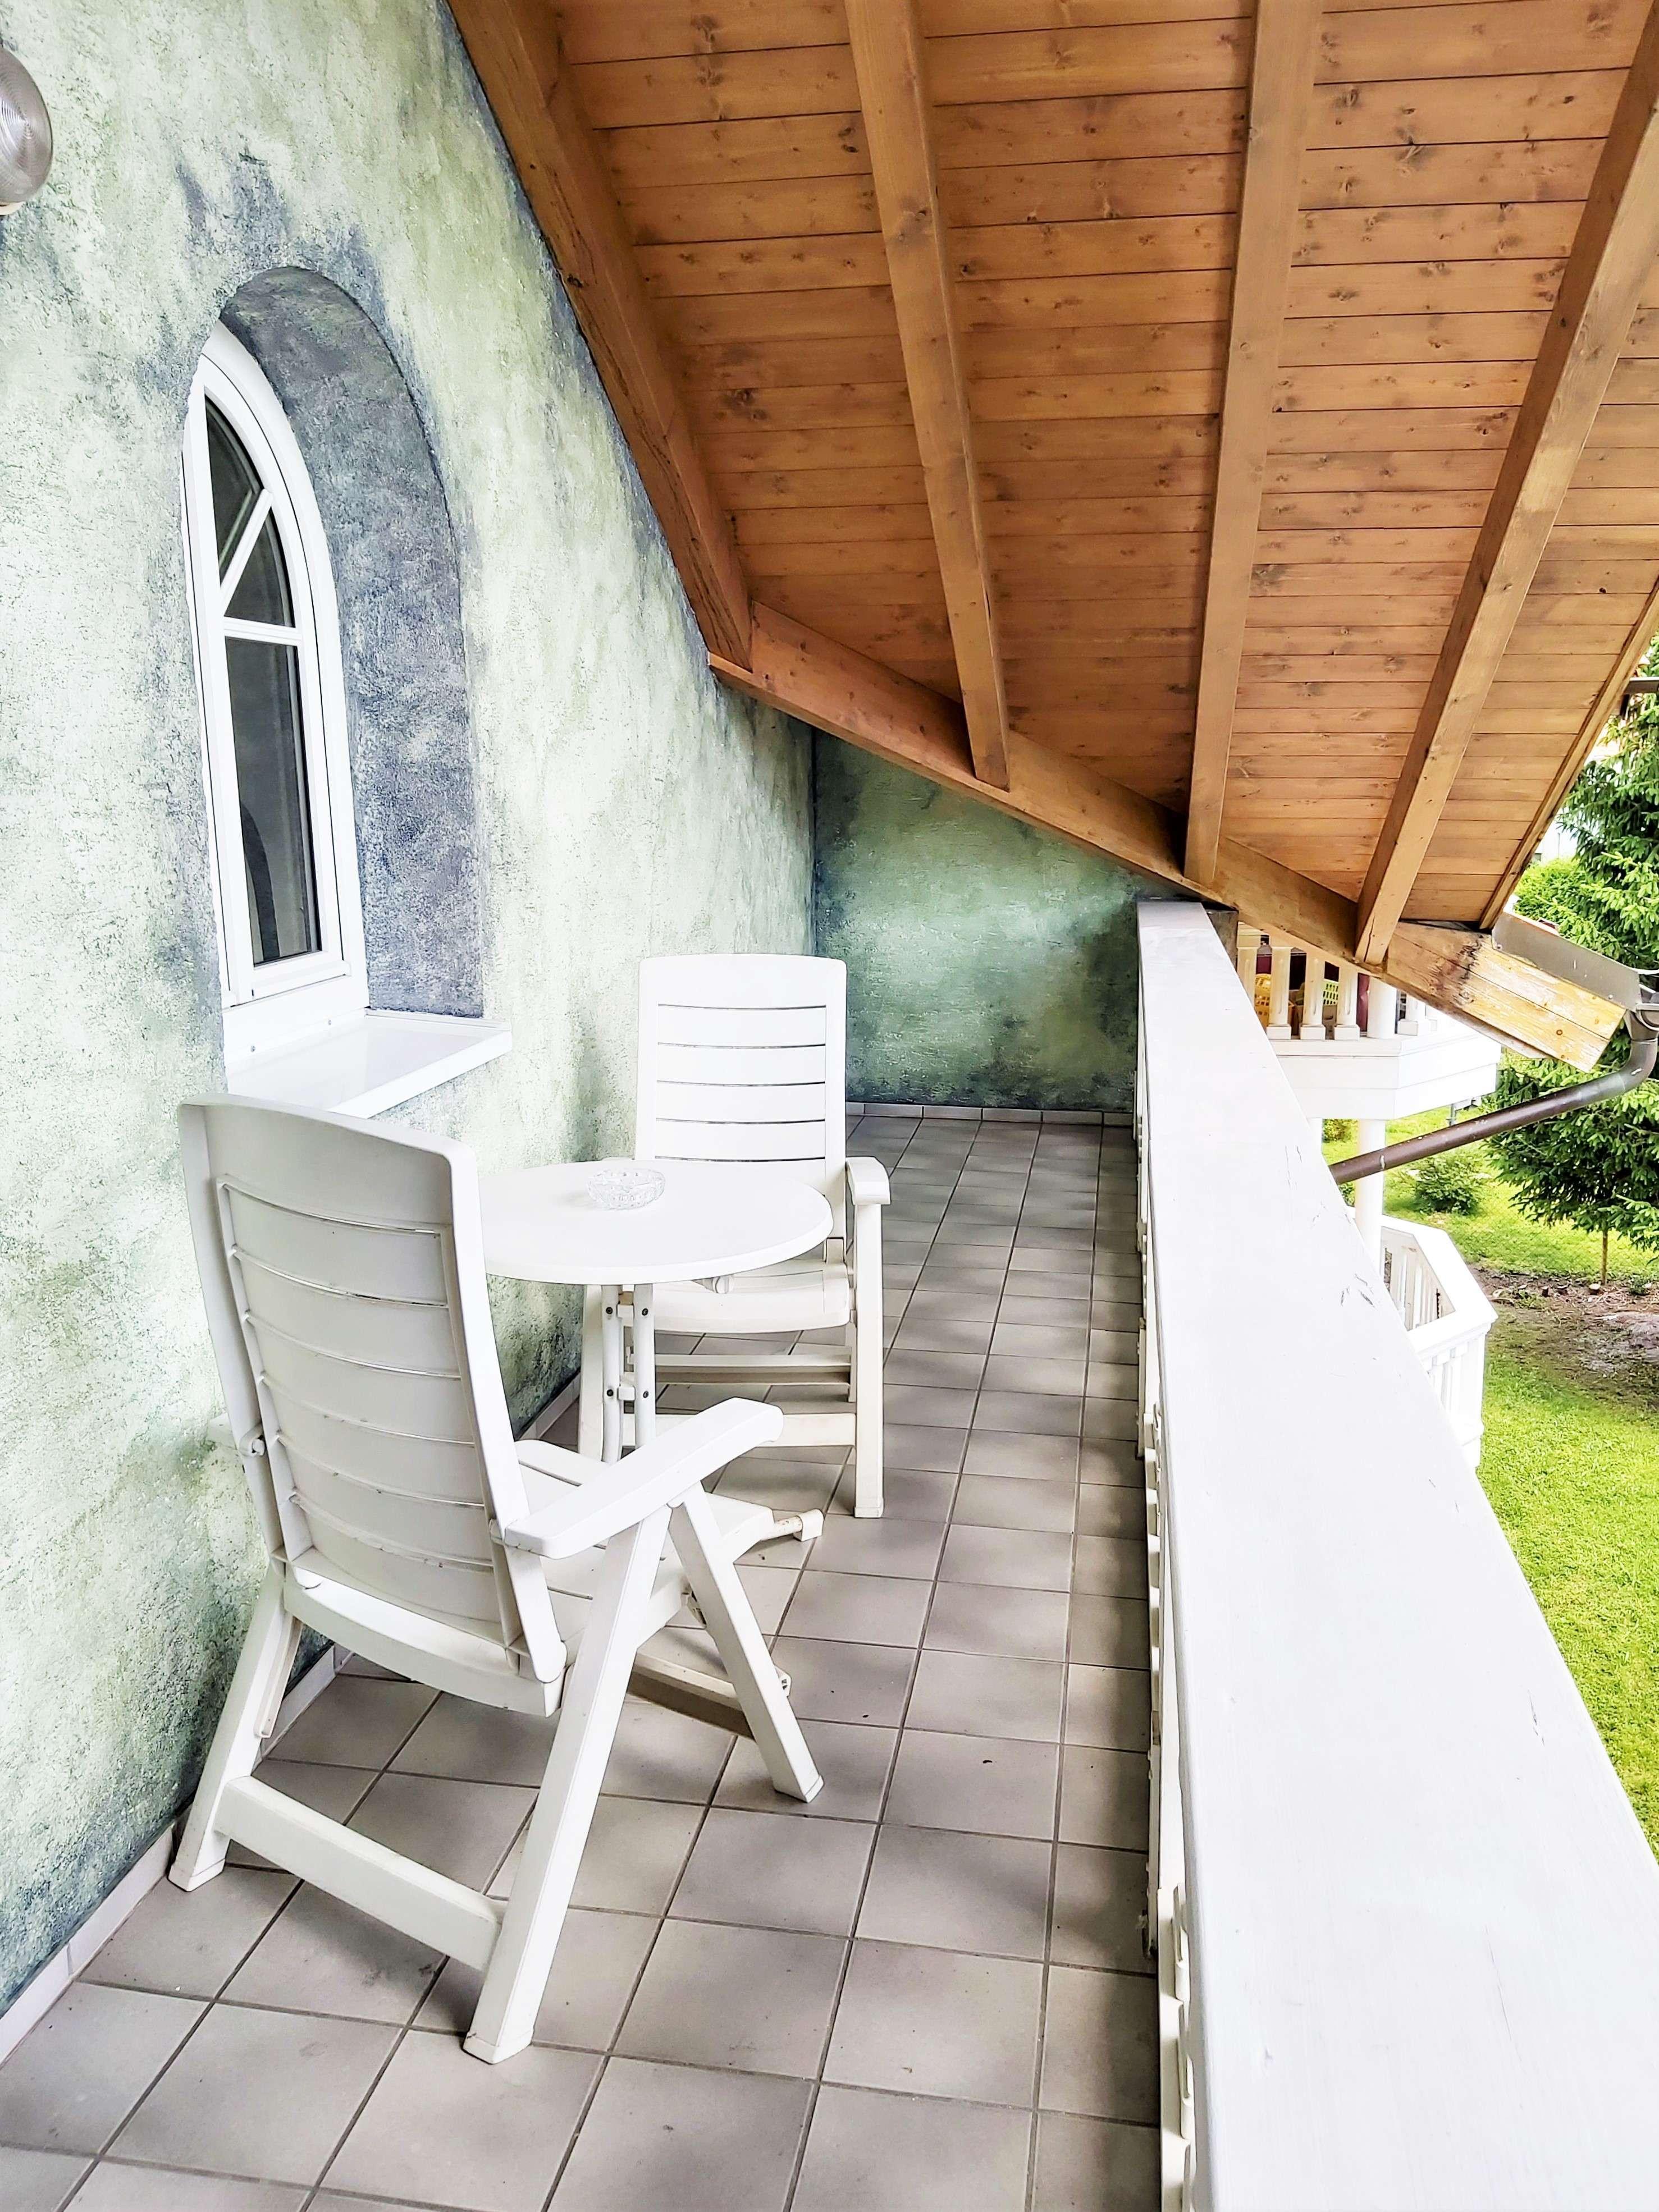 Wohnen auf Zeit! Möblierte helle DG-Wohnung mit Balkon und Bergblick! in